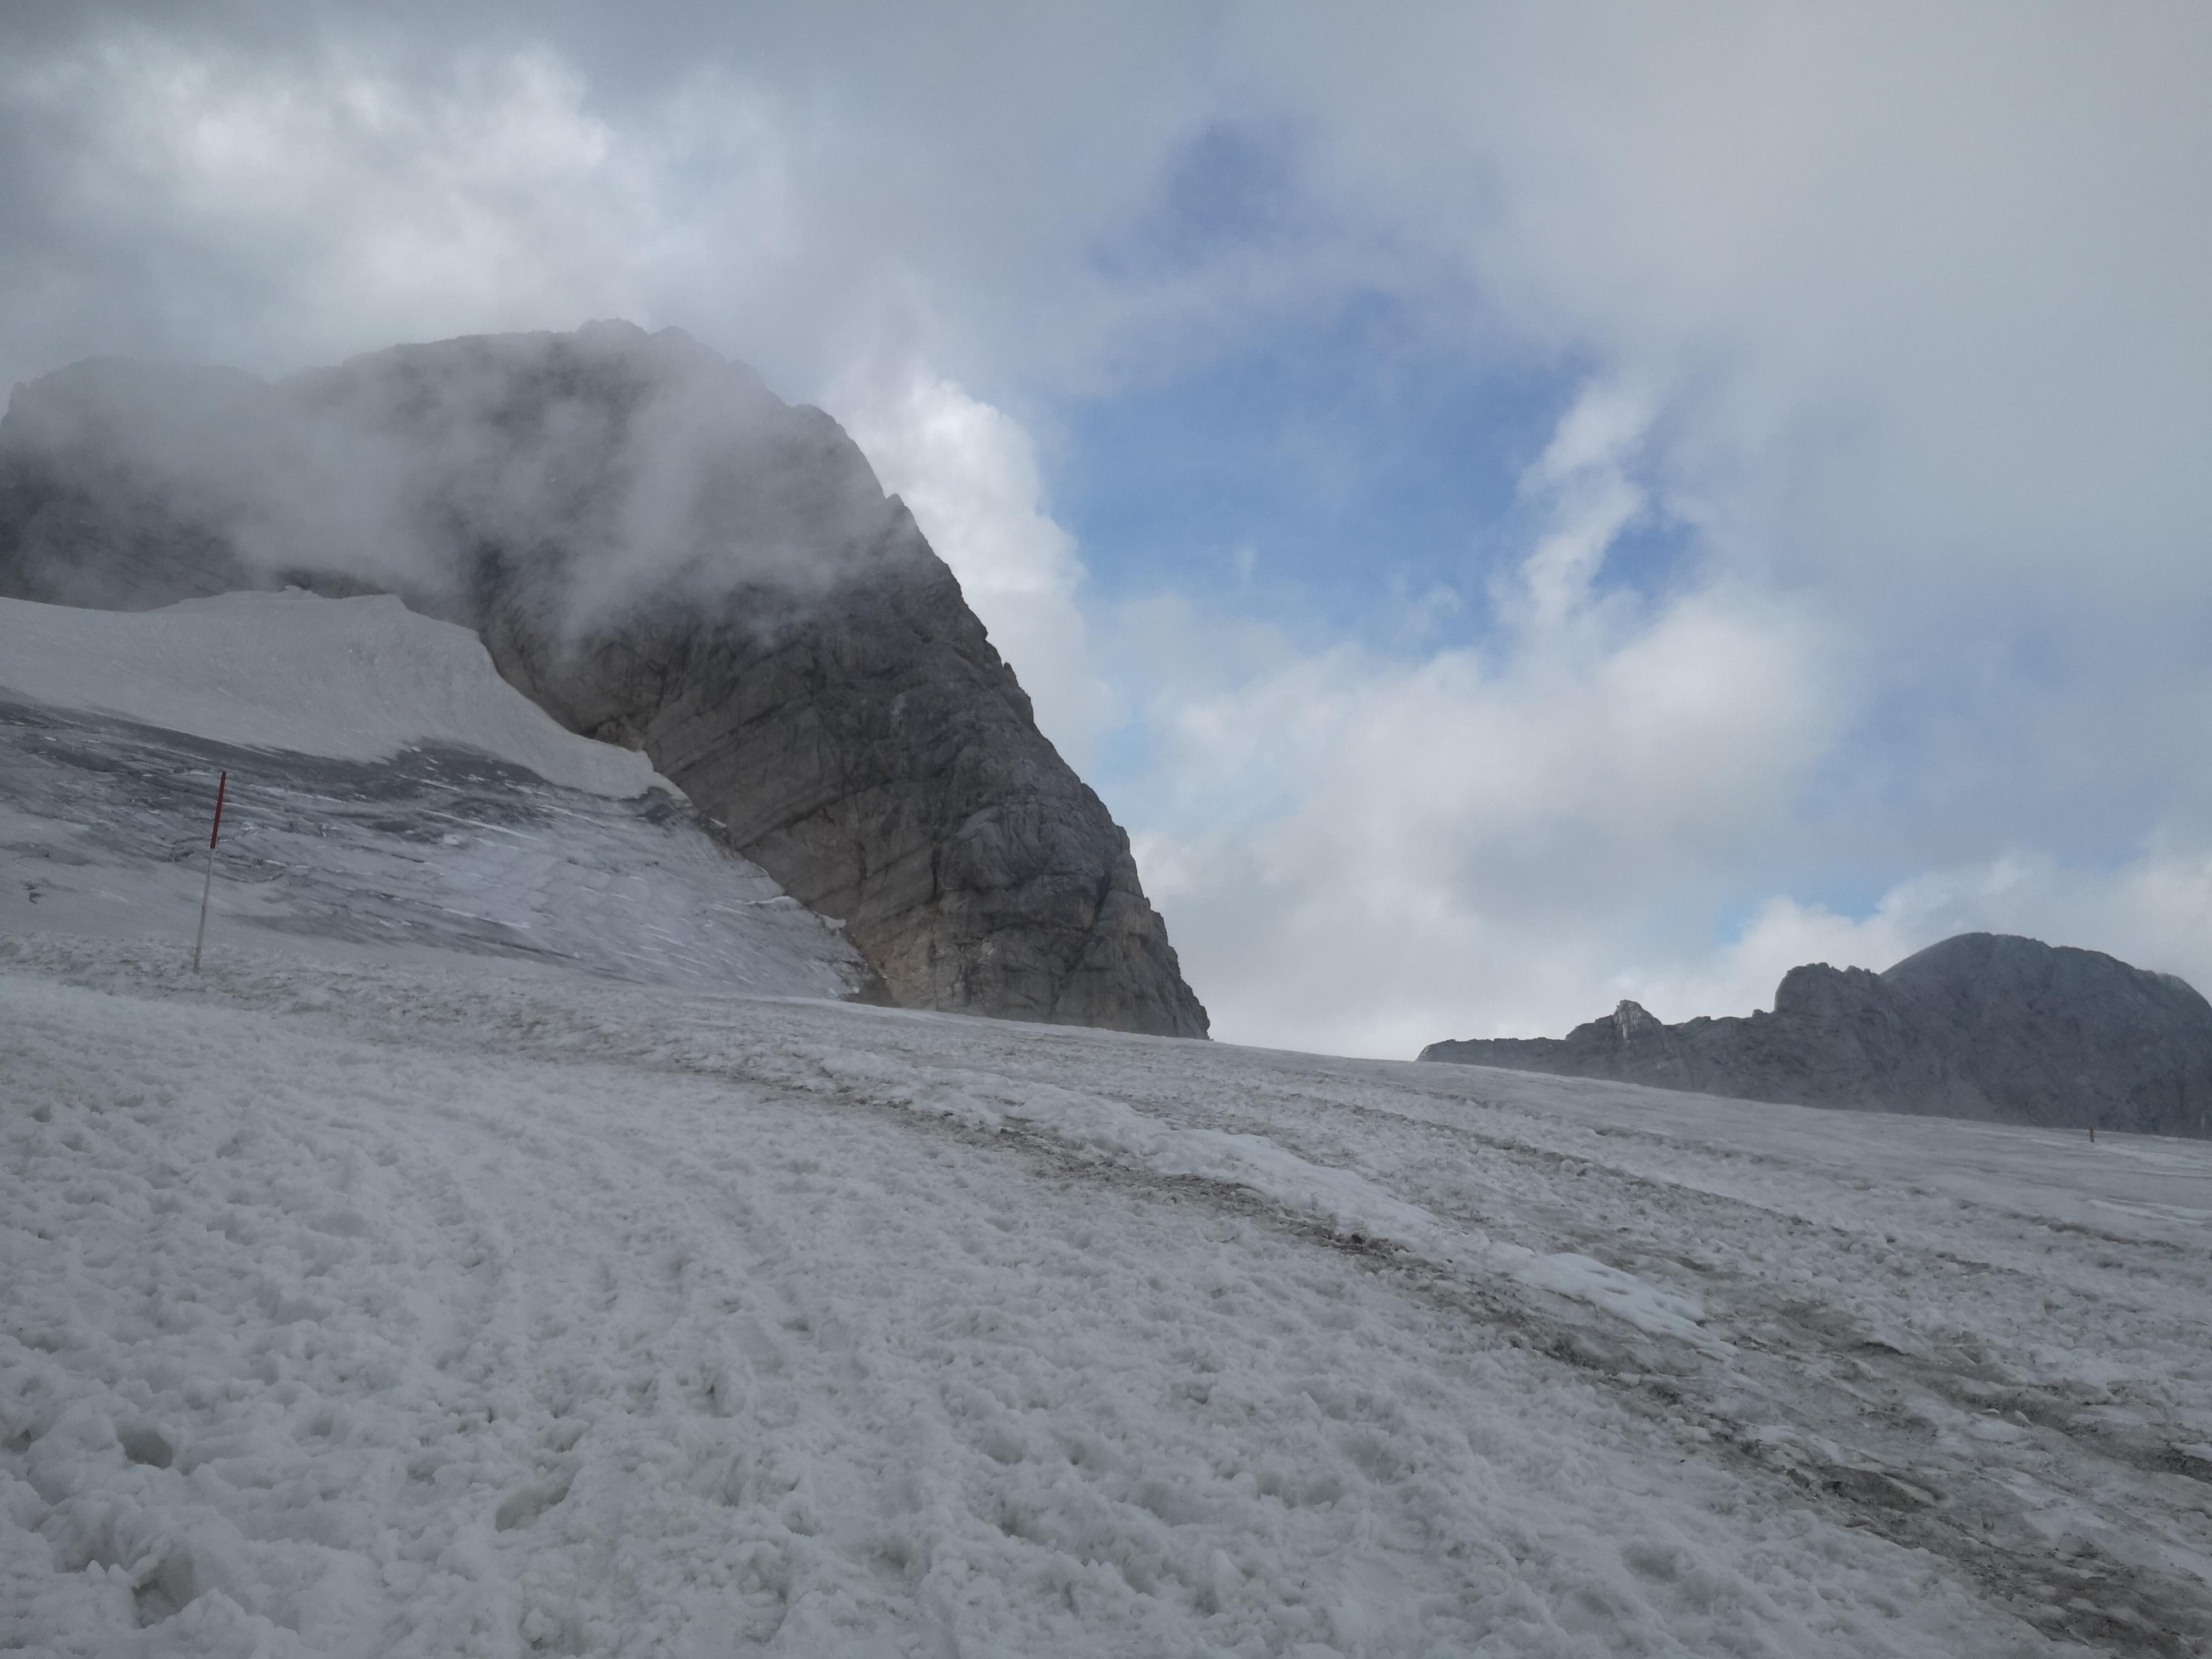 lodowiec Dachstein, po ukończeniu ferraty der Johann